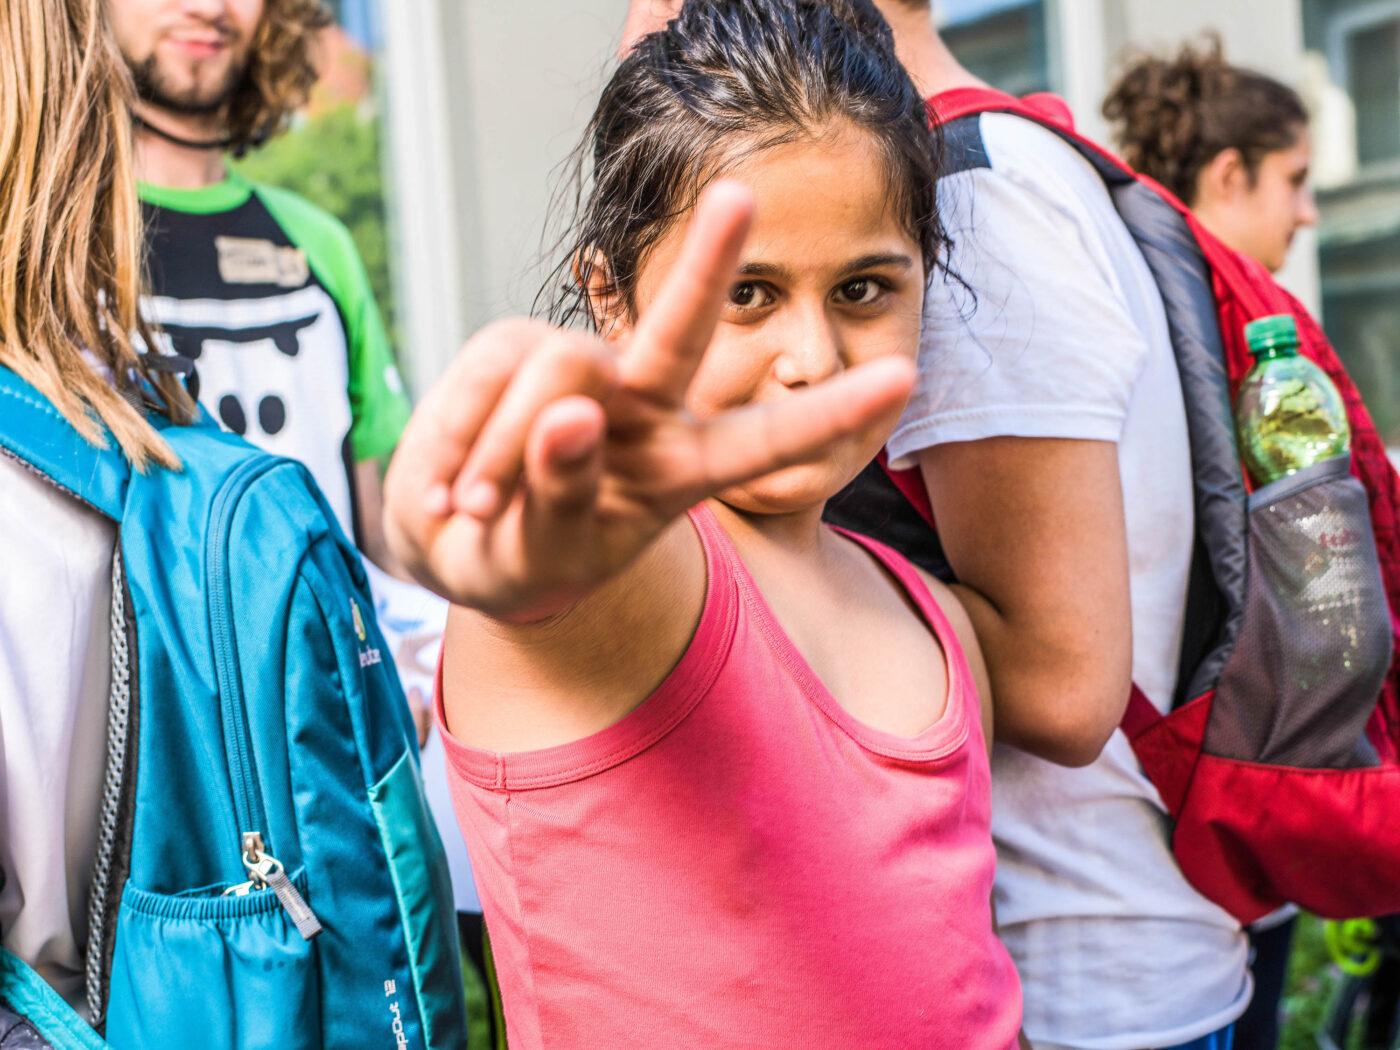 Ein Maedchen macht ein Peacezeichen im Rahmen eines GORILLA Workshops.